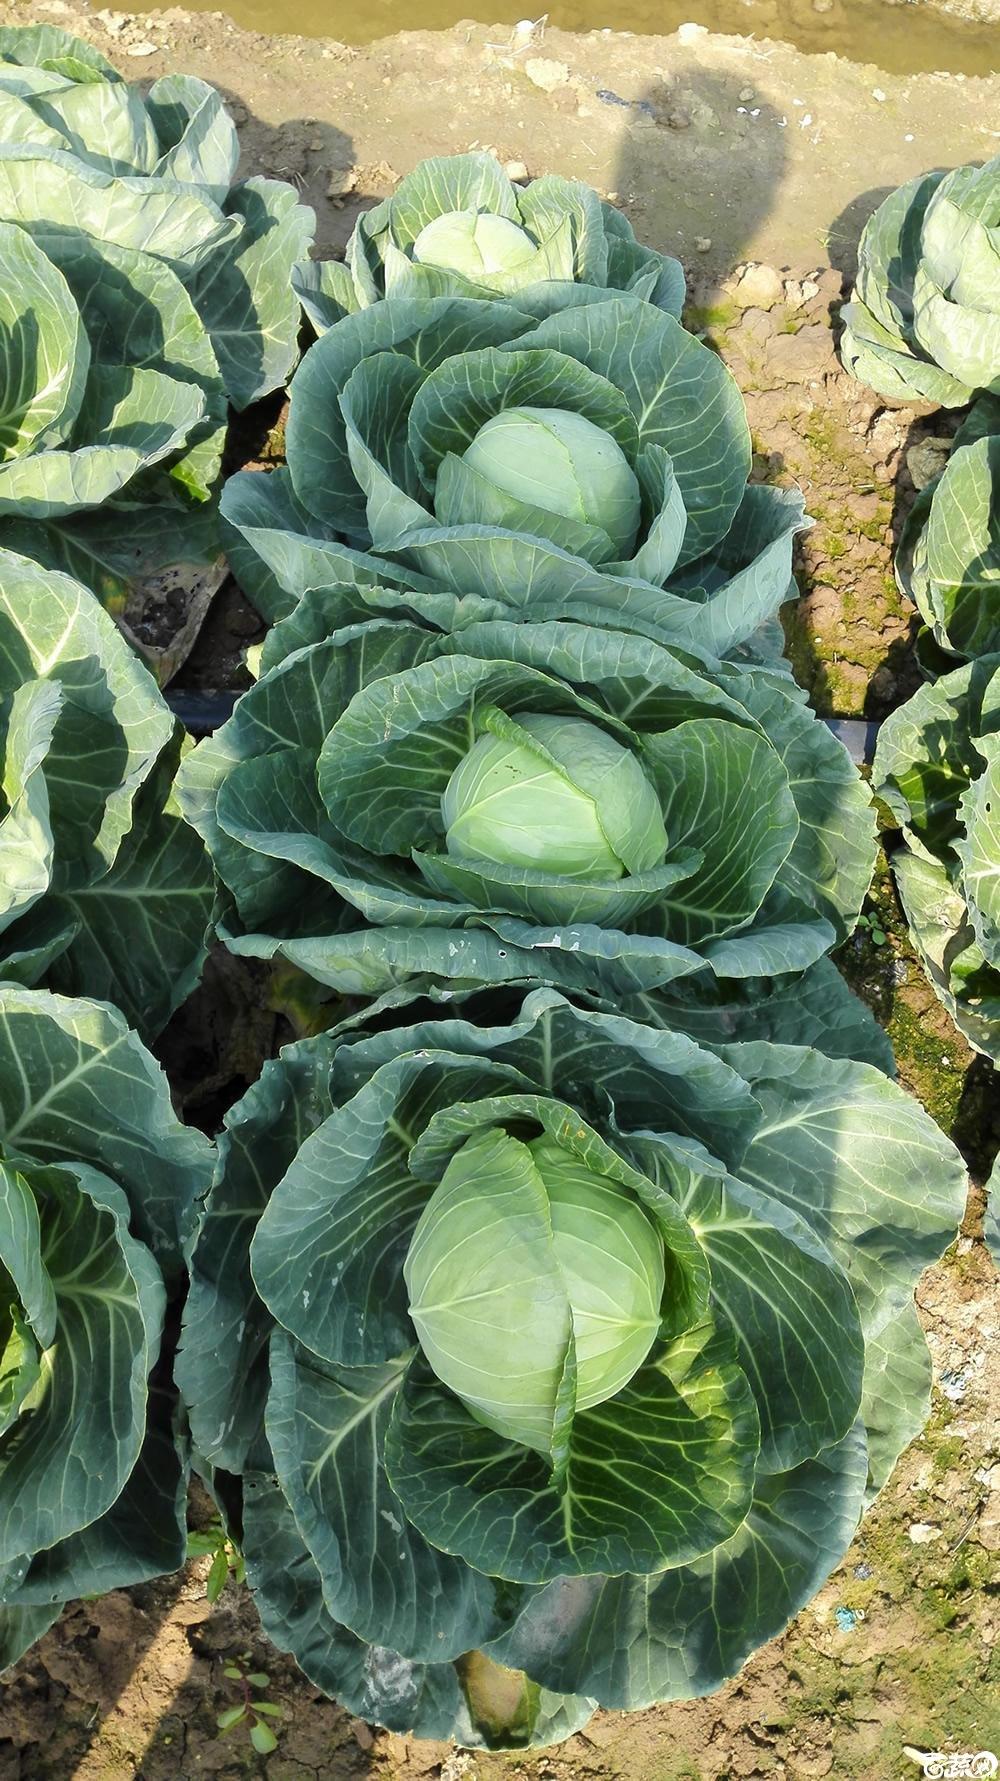 2014年12月10号广州市农科院南沙秋季蔬菜新品种展示会 甘蓝_155.jpg